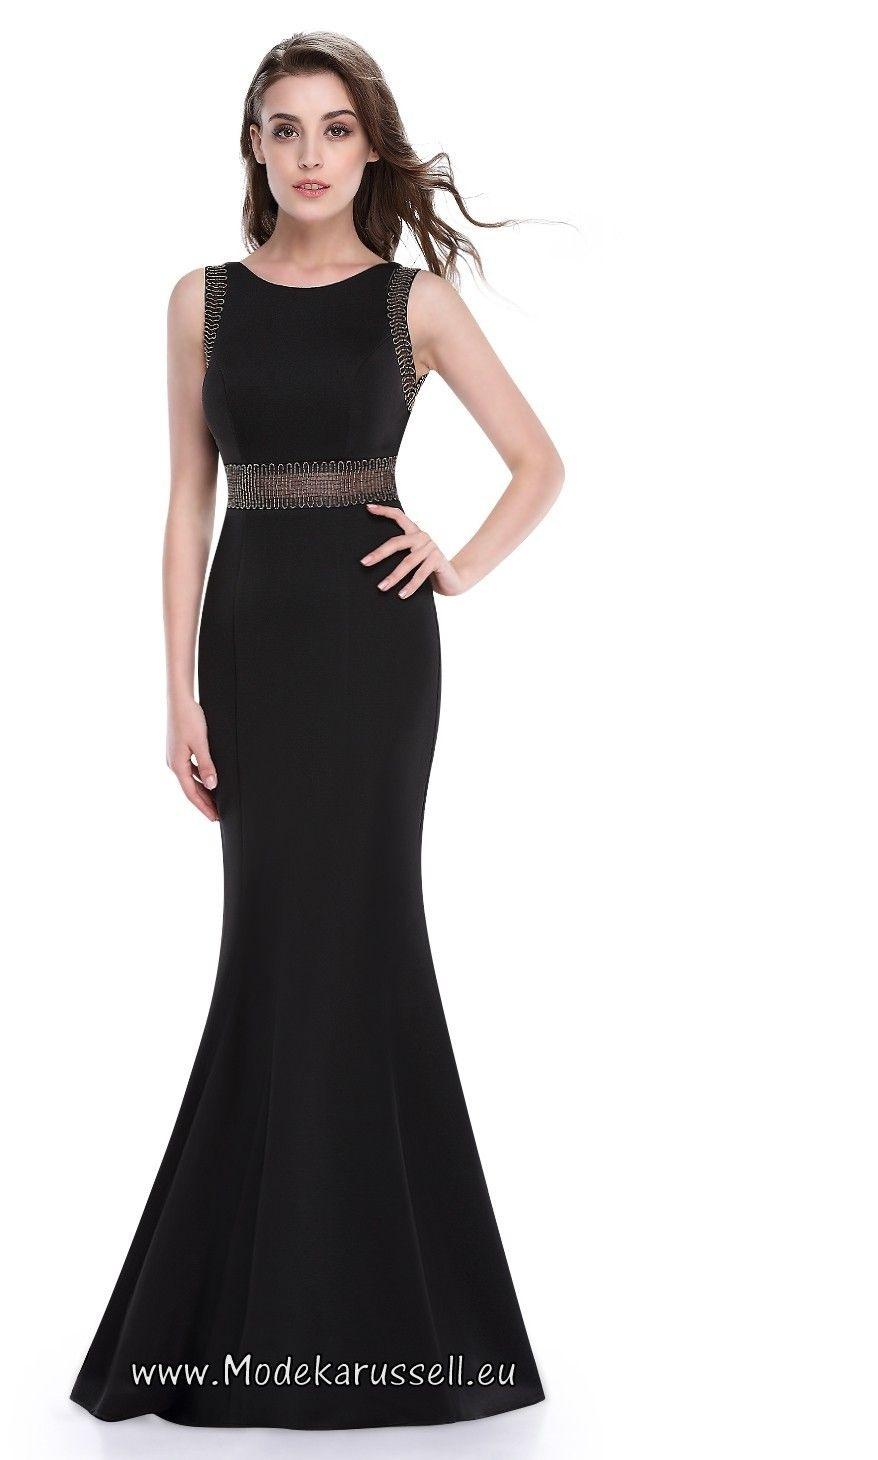 10 Genial Abendkleid Kaufen Günstig Boutique15 Cool Abendkleid Kaufen Günstig Galerie